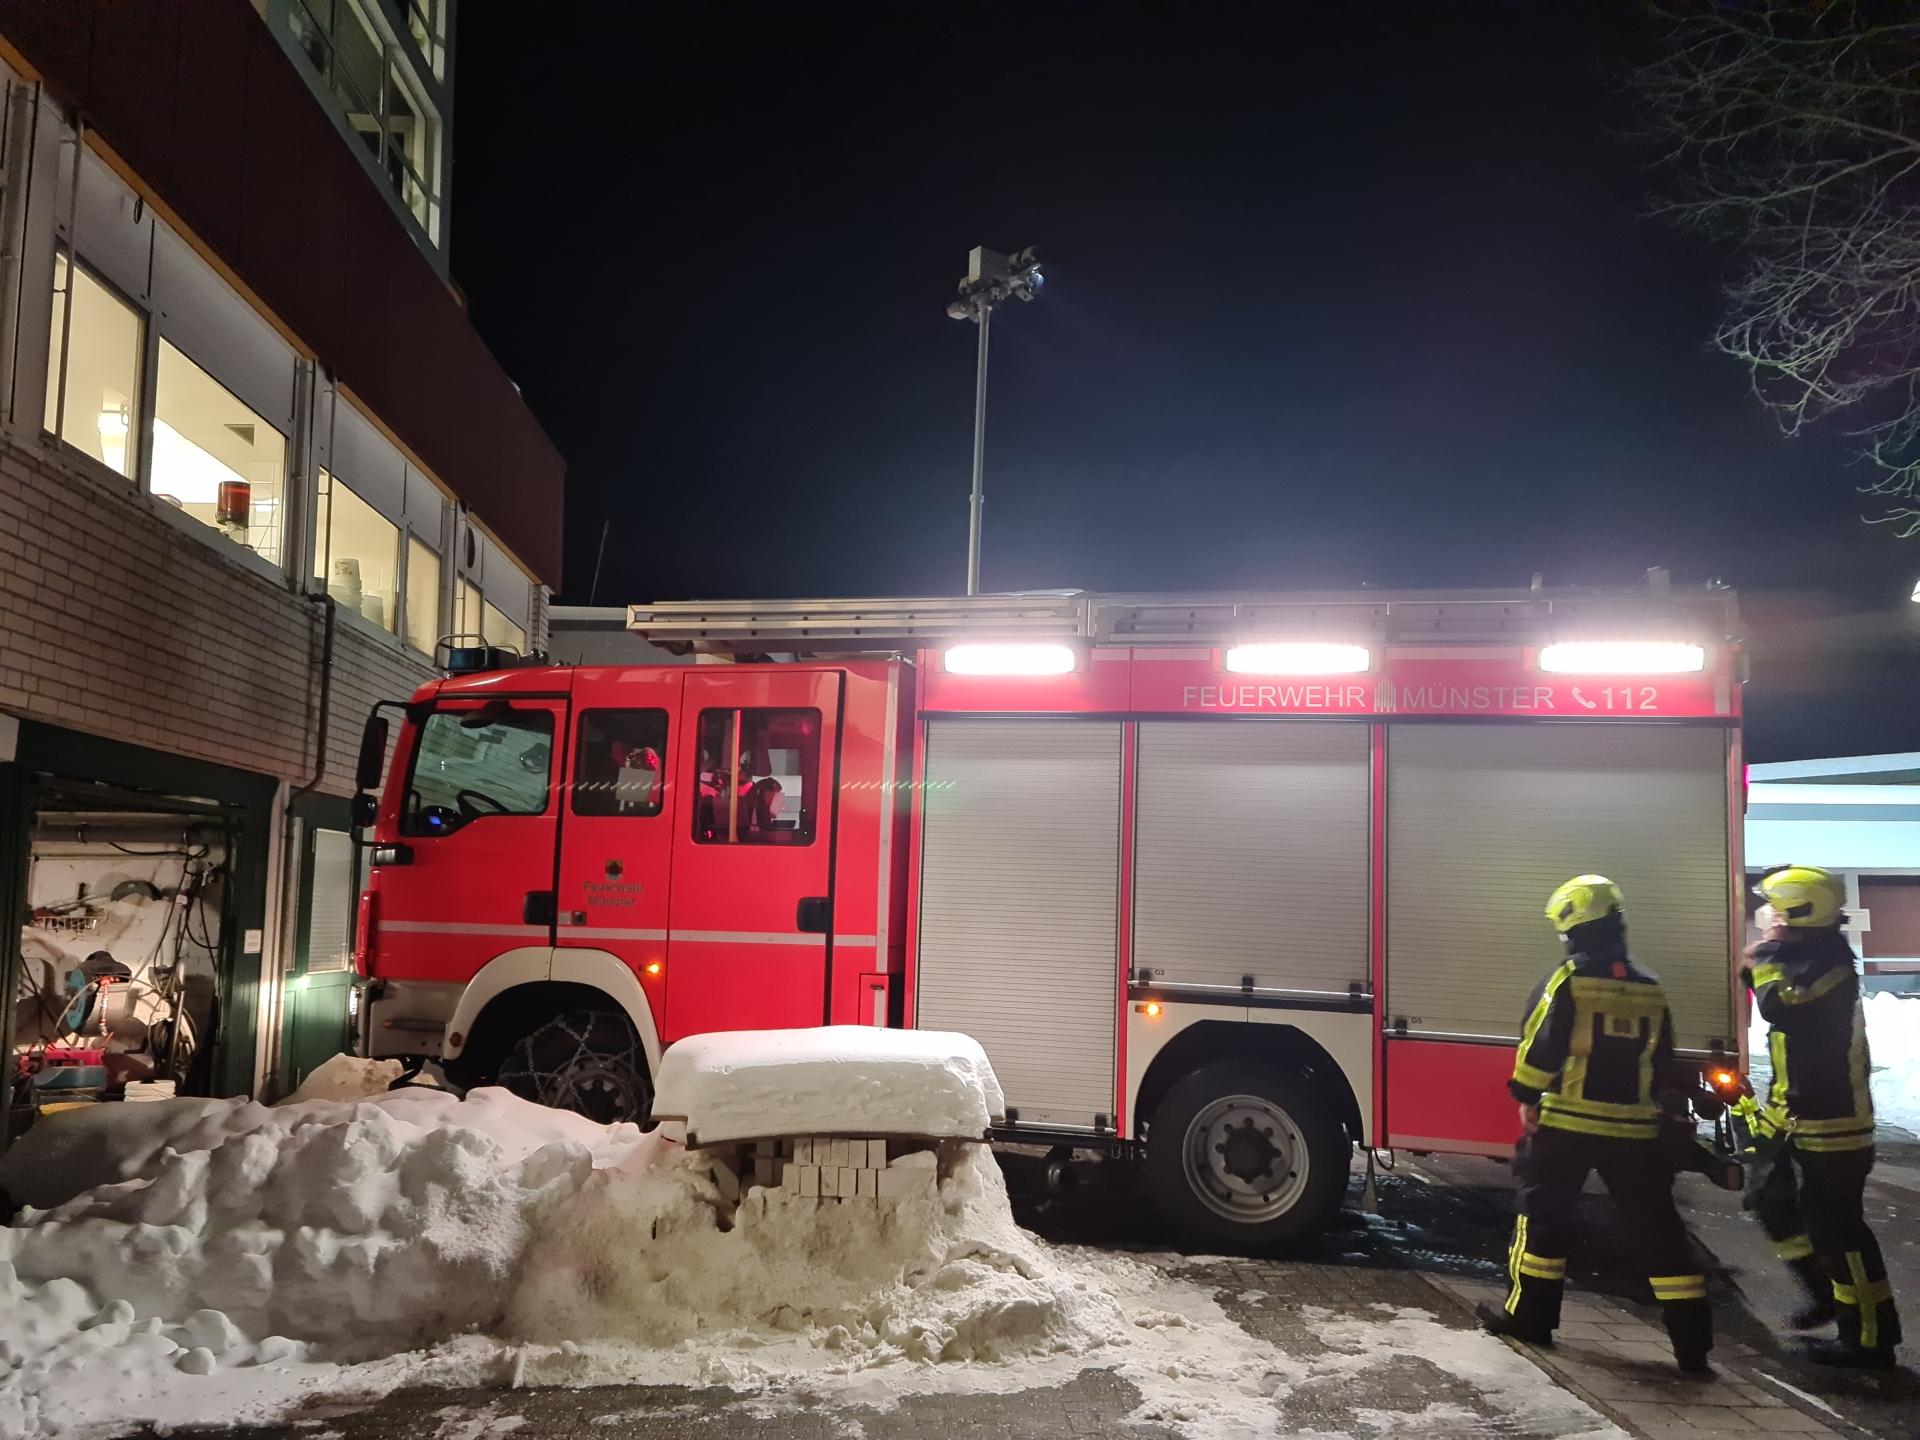 Foto: Feuerwehr räumt Wohnanlage im Haus Simeon